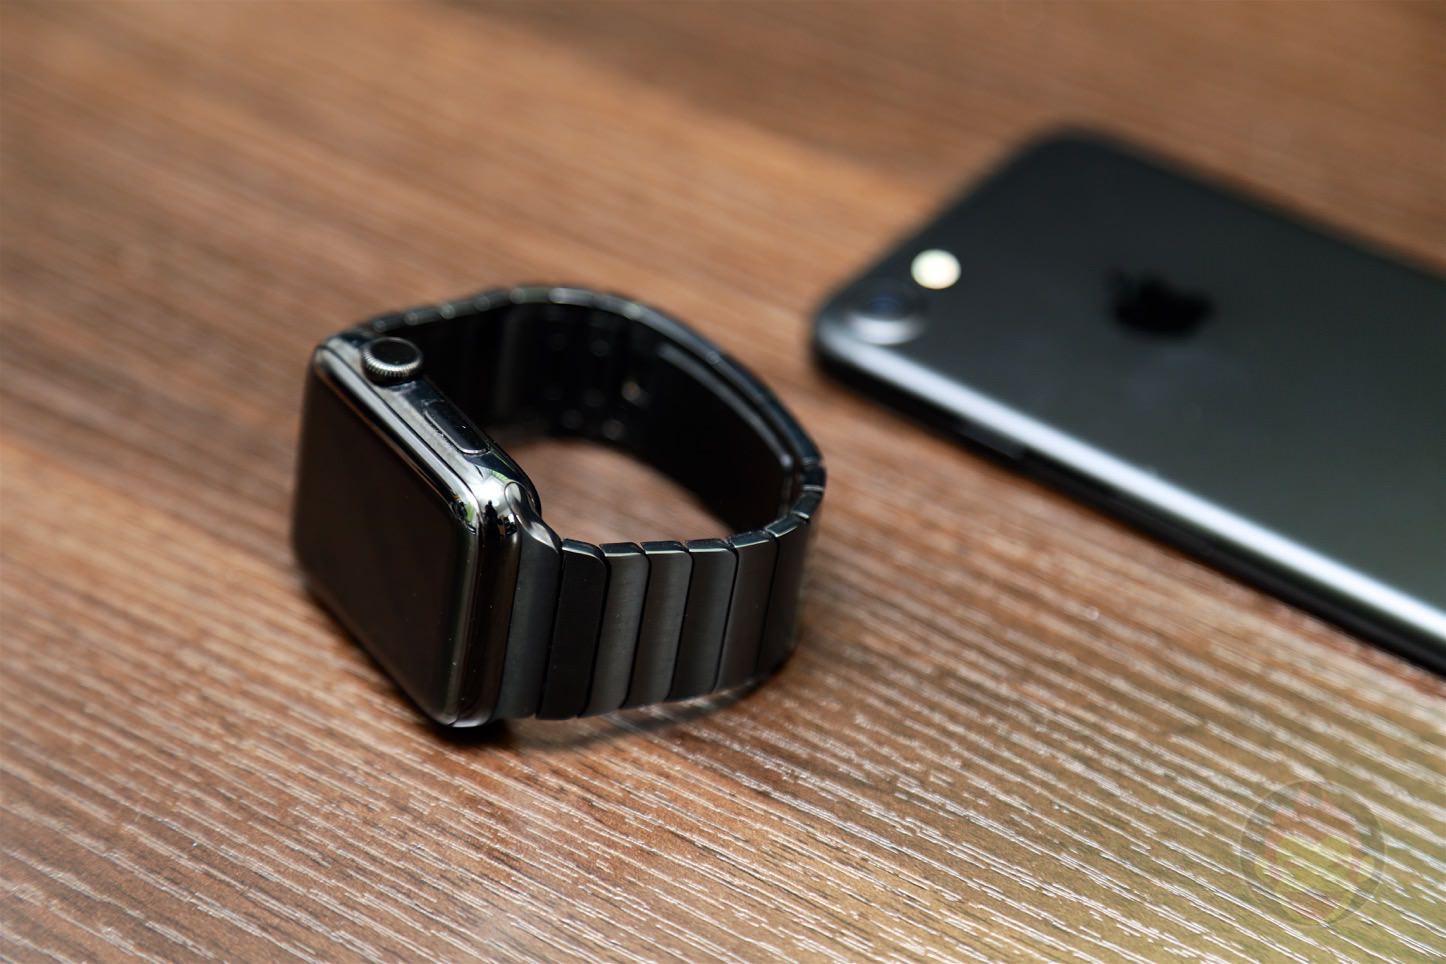 Using-Apple-Link-Bracelet-Black-01.jpg